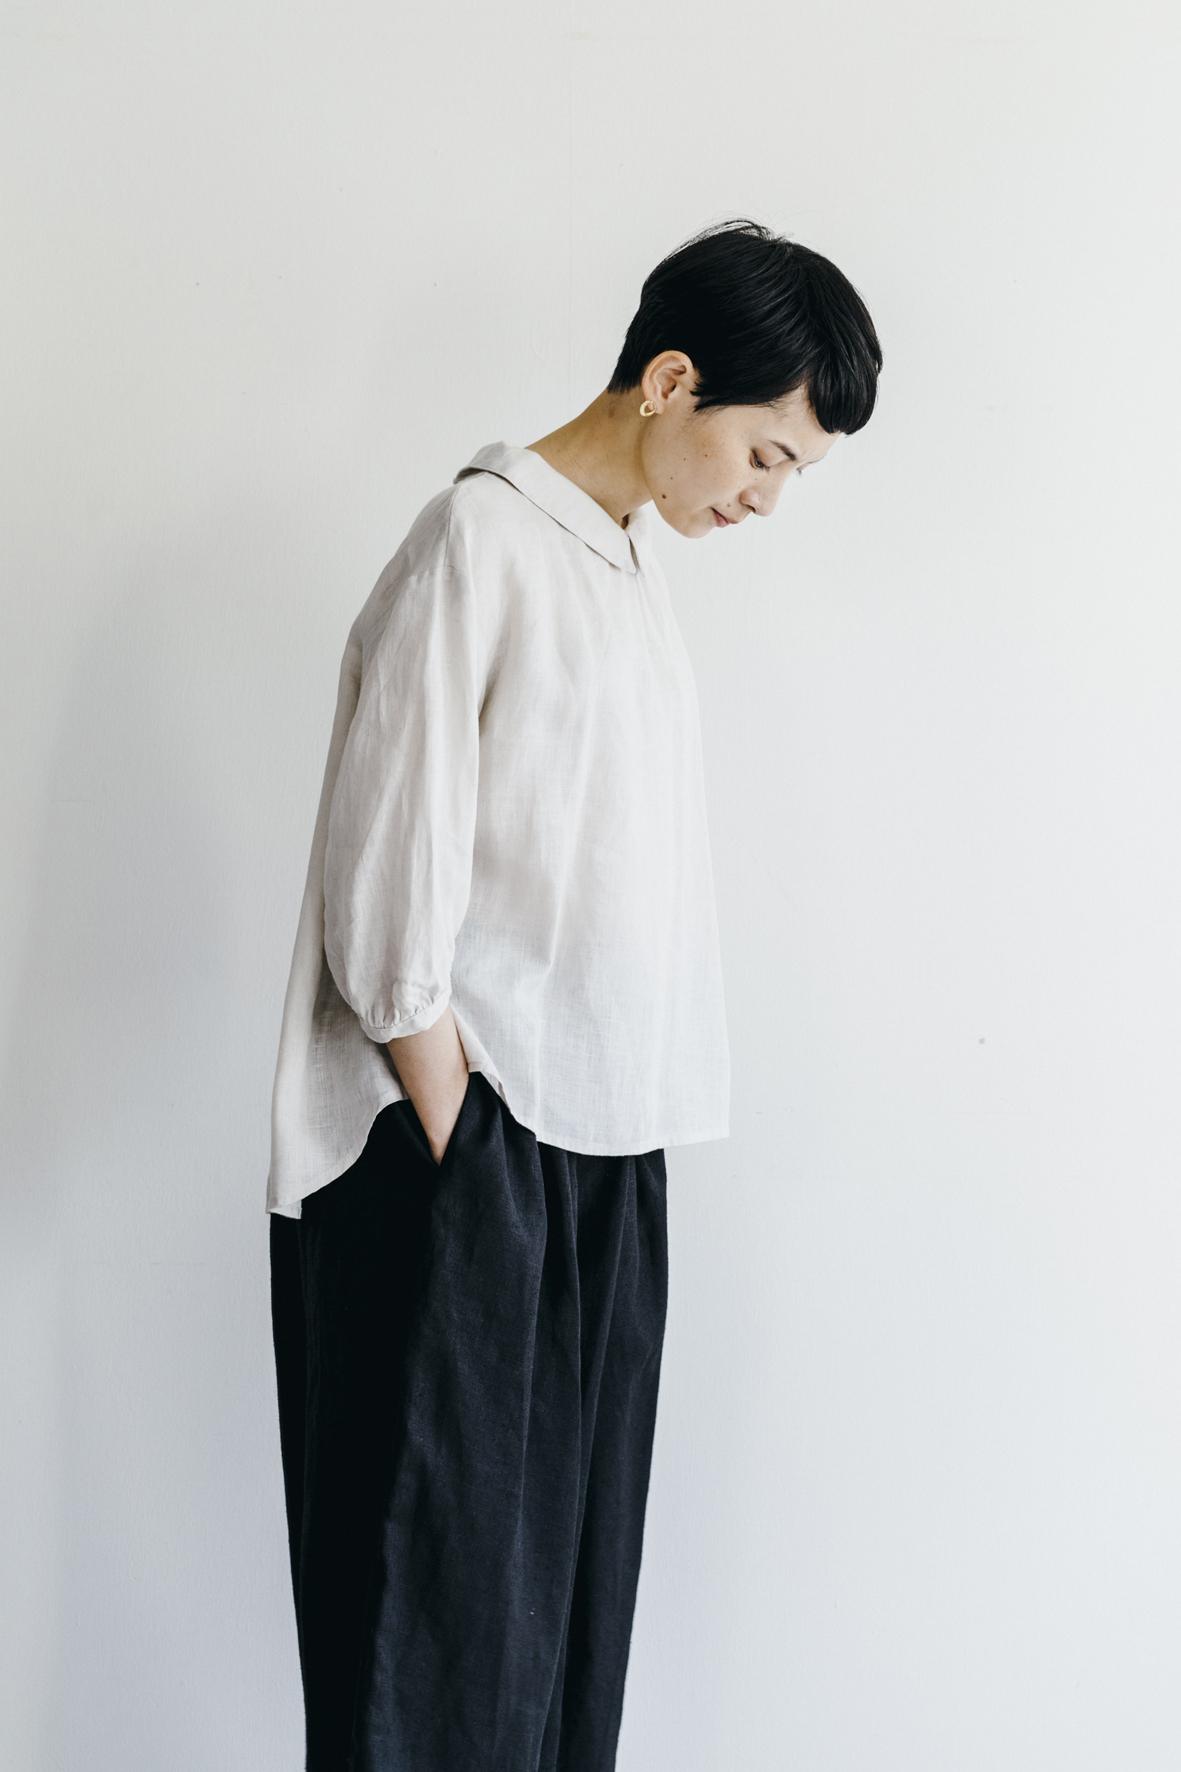 https://www.schule.jp/news/fog_schule02.jpg